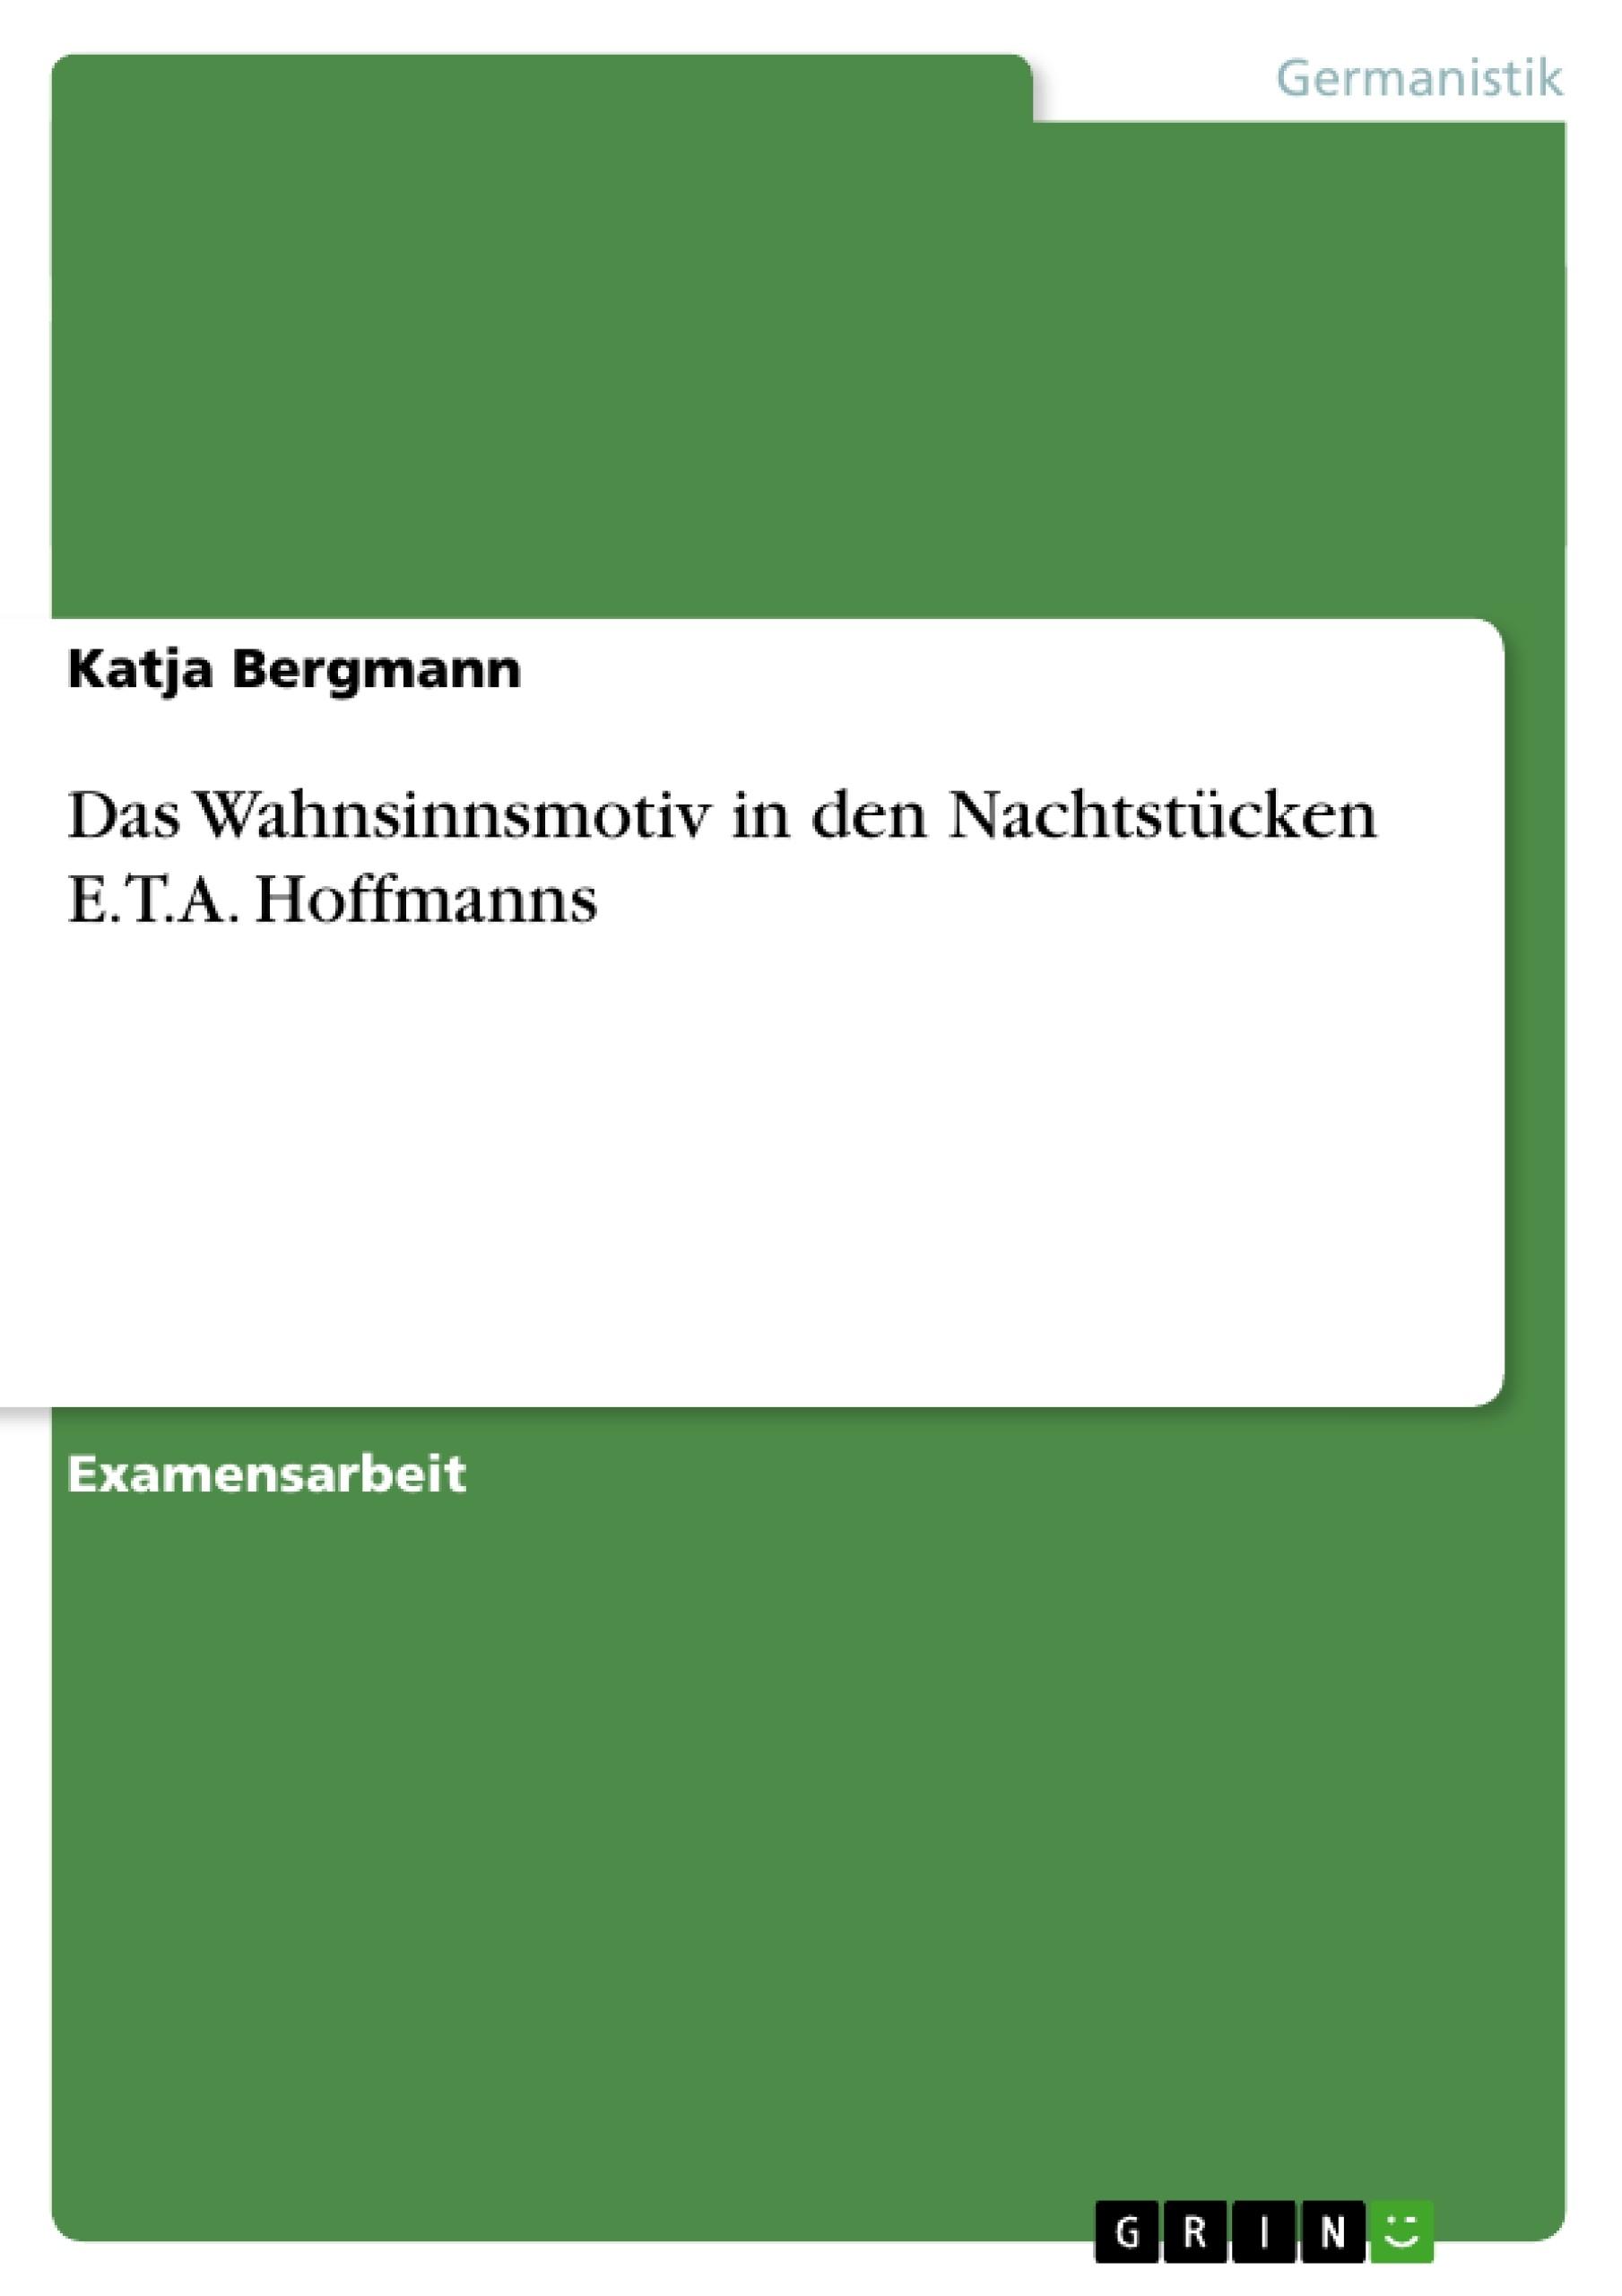 Titel: Das Wahnsinnsmotiv in den Nachtstücken E.T.A. Hoffmanns